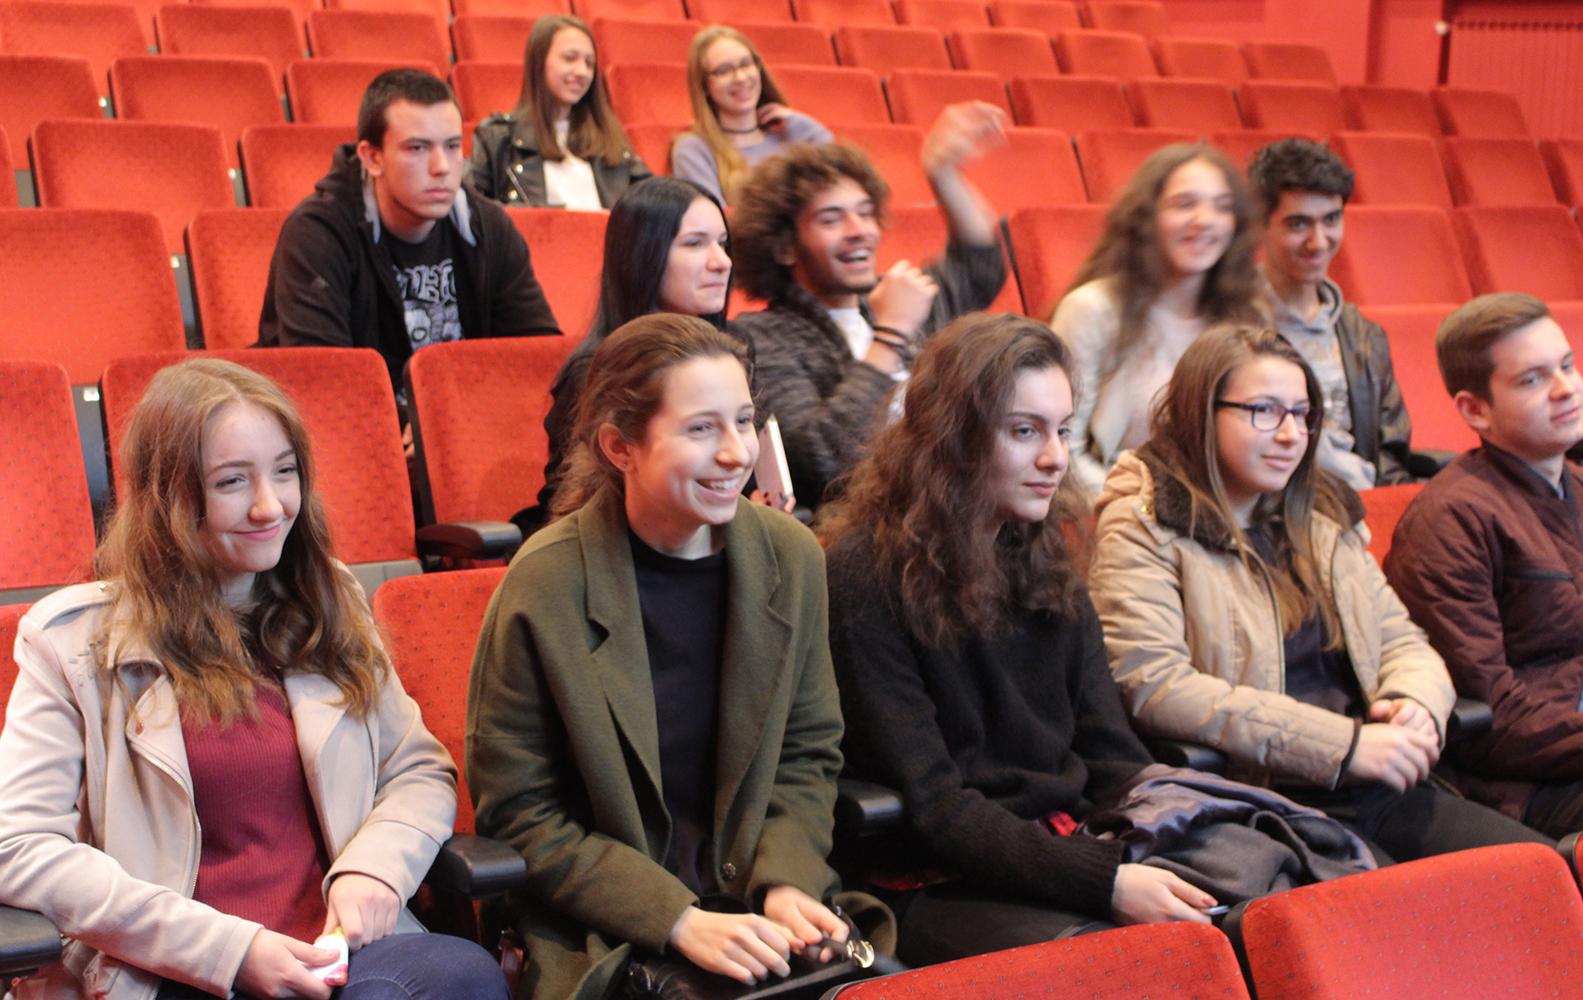 Избрани се македонските претставници за Џифони Експириенс 2017